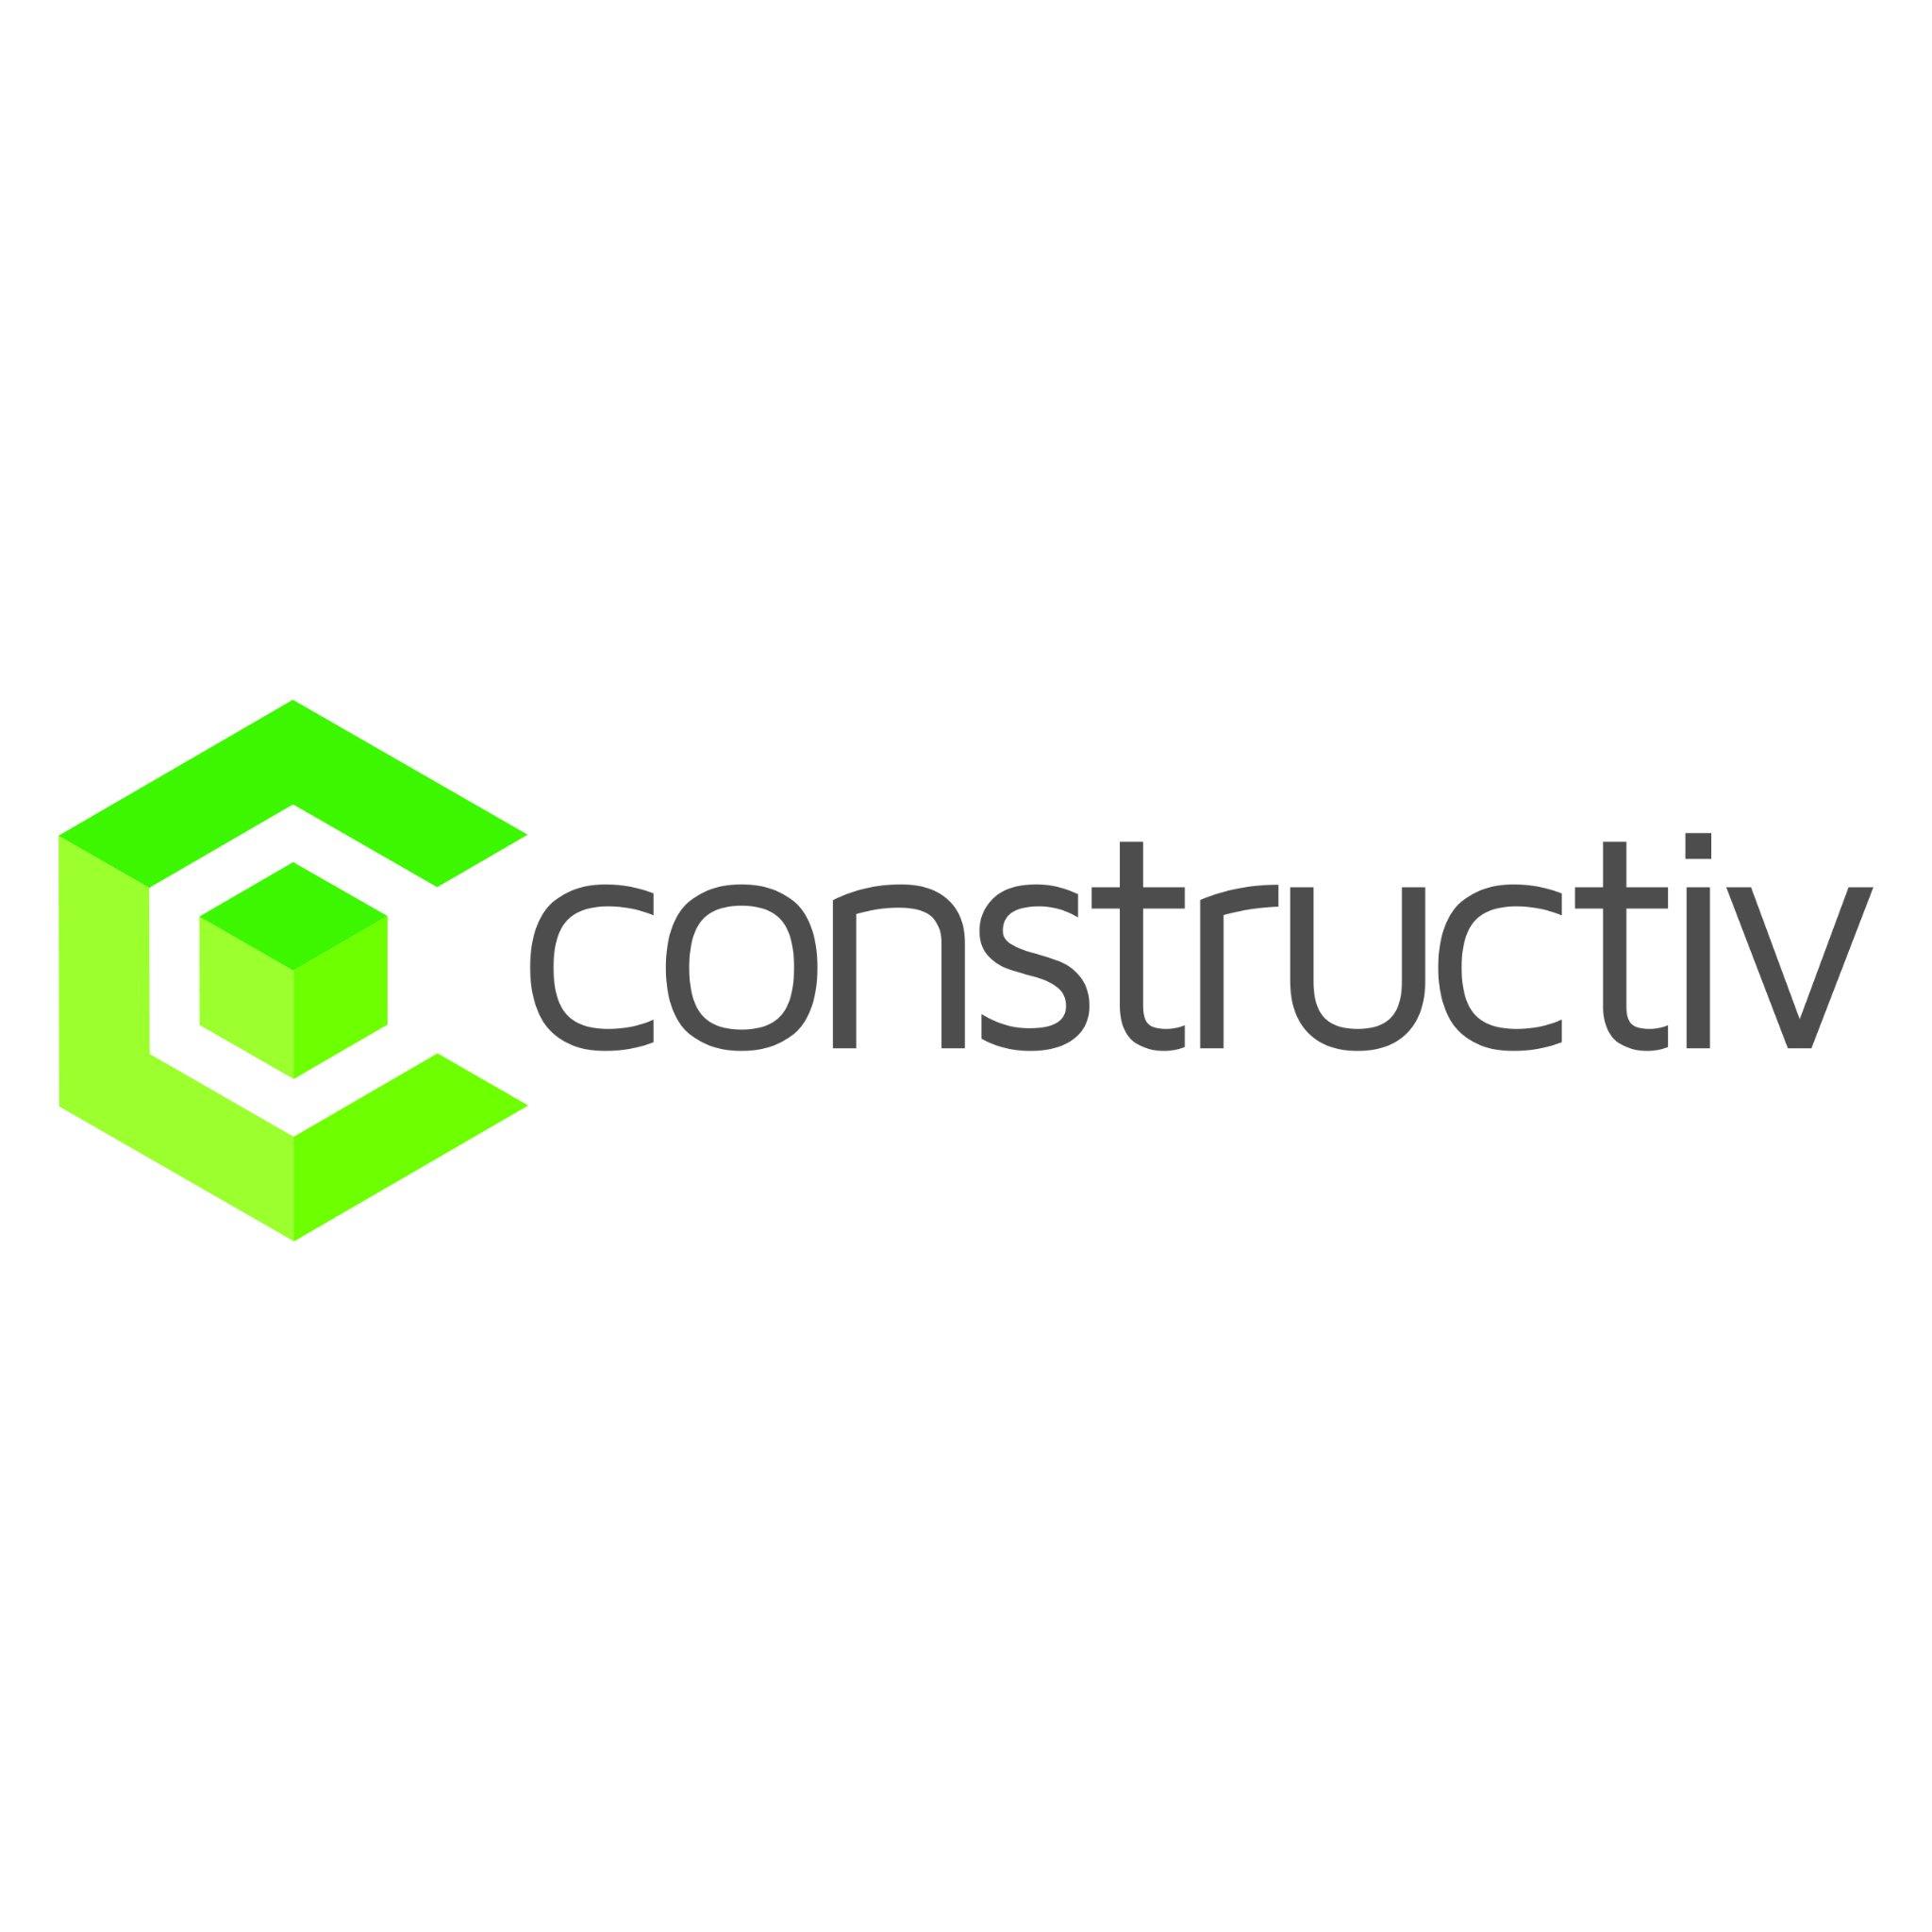 Constructiv.jpg